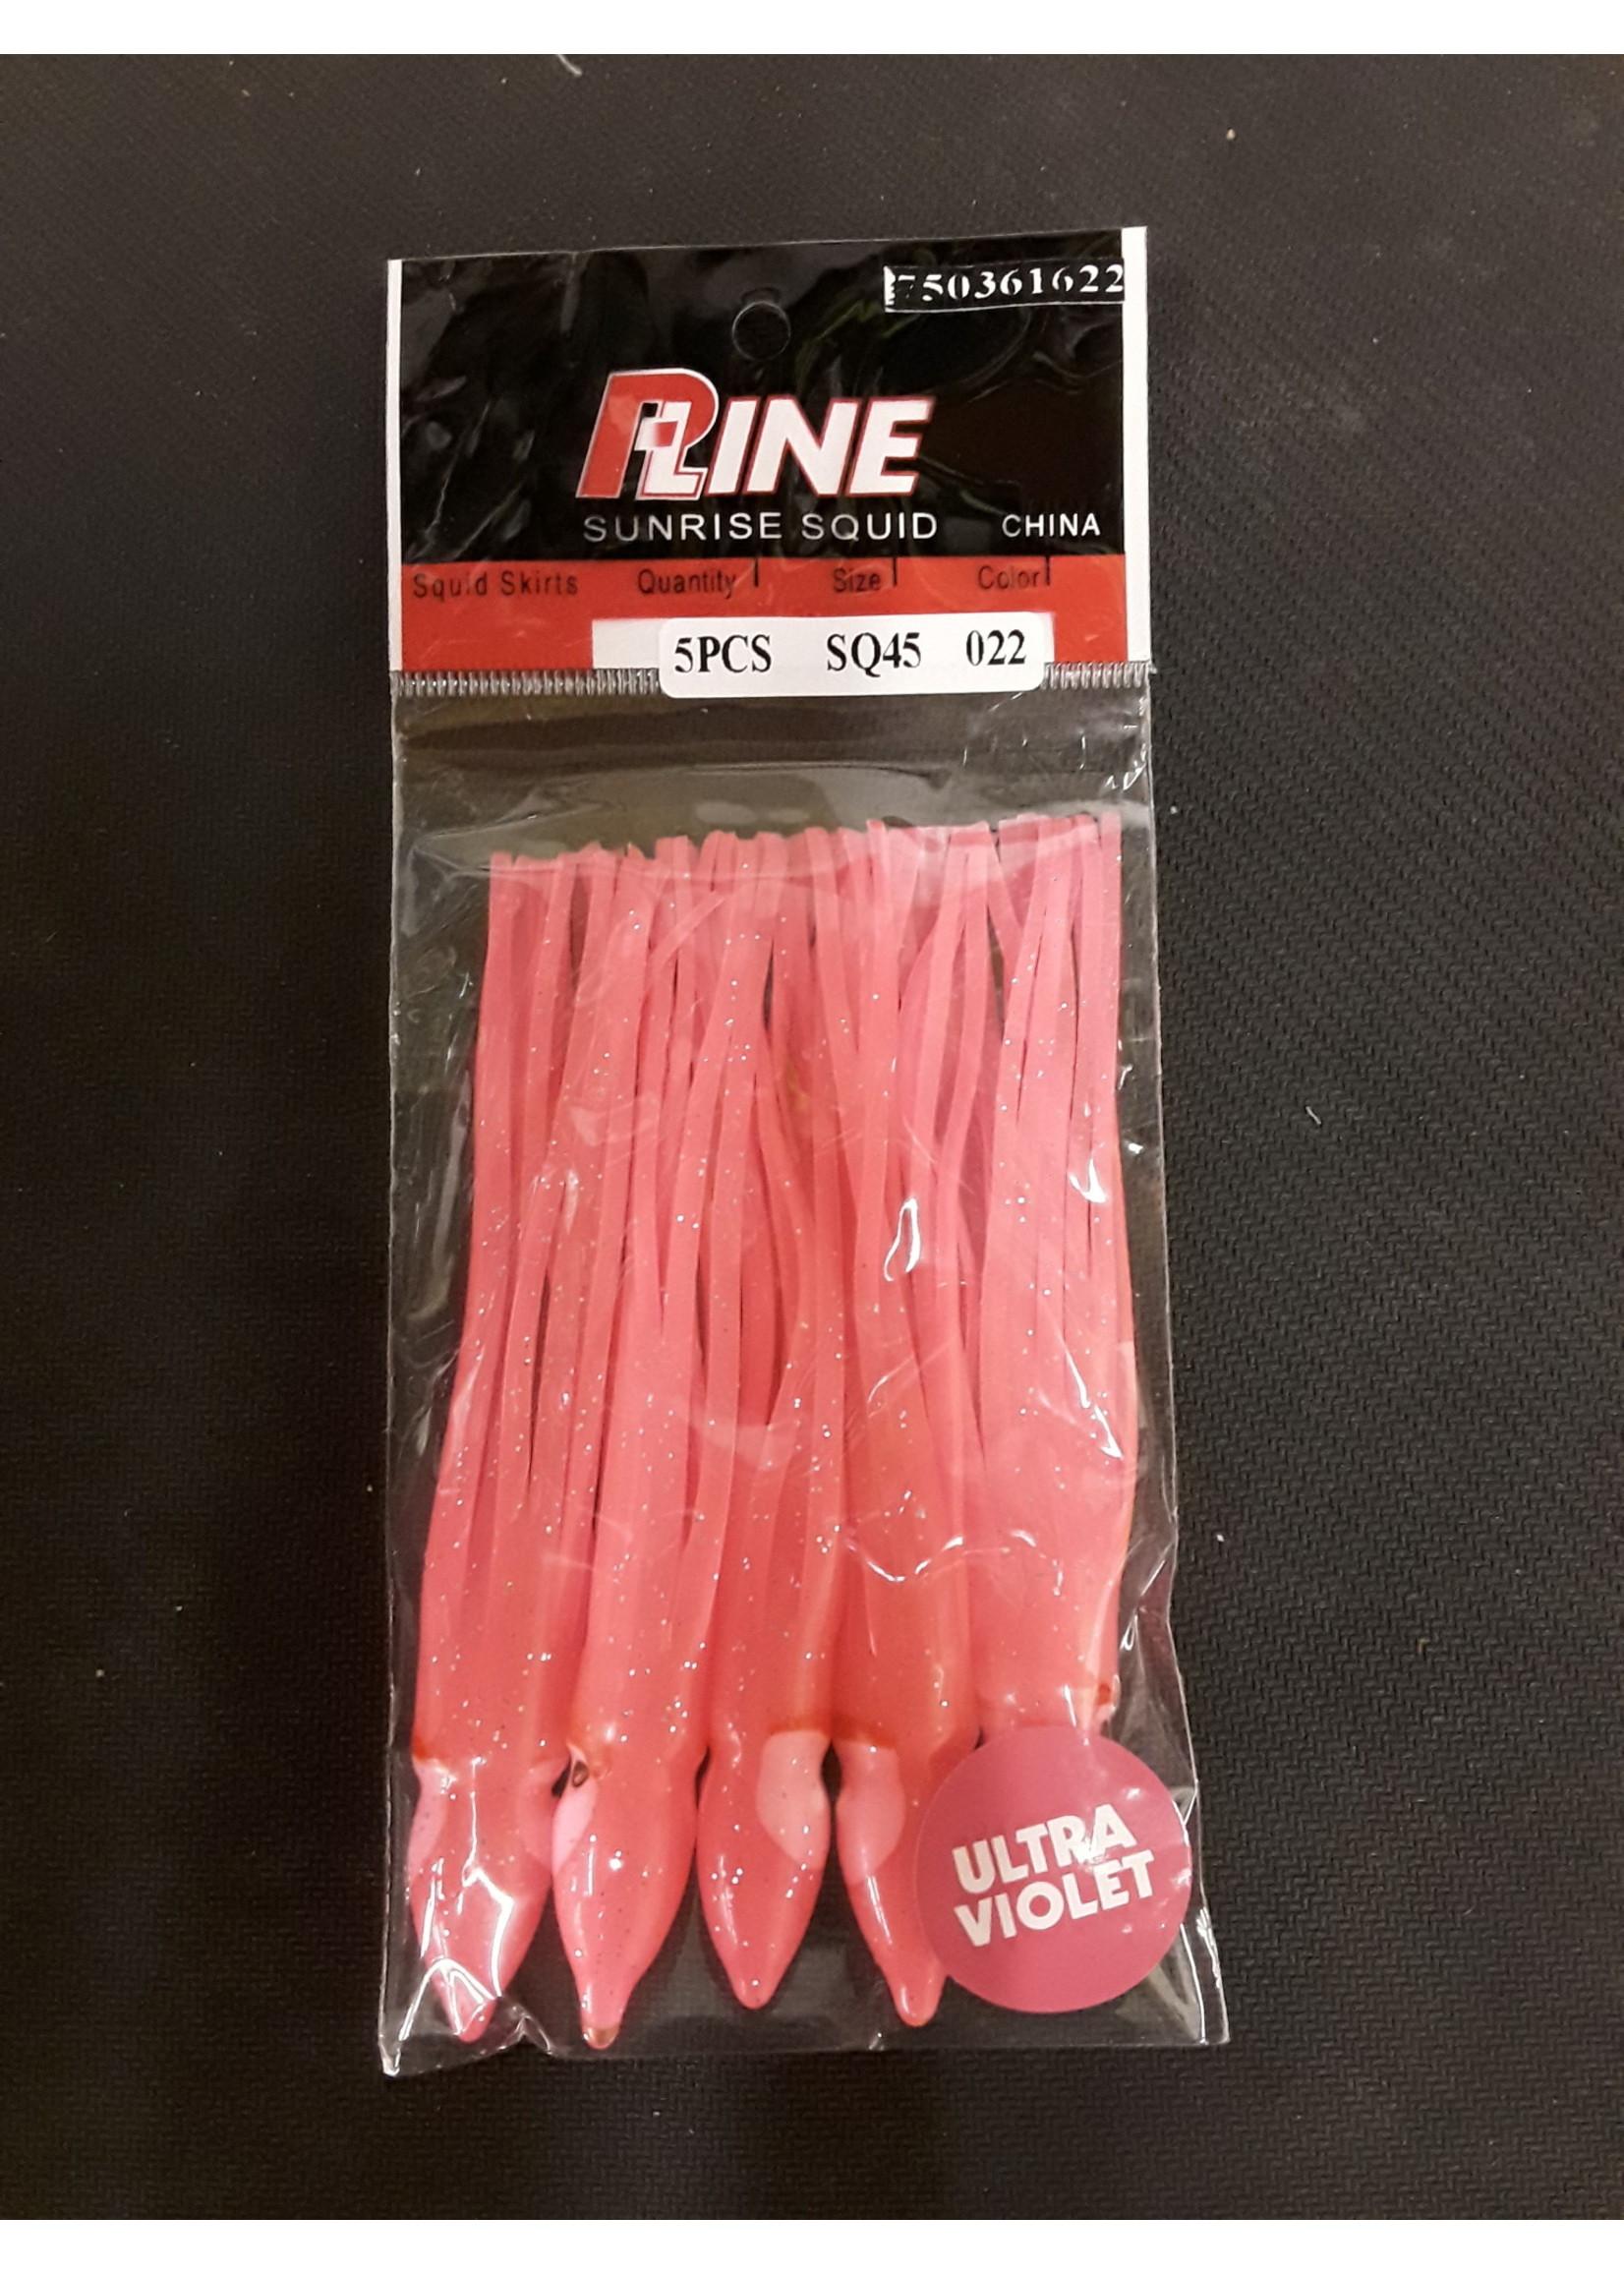 P-LINE P-Line S R Squid 4.5